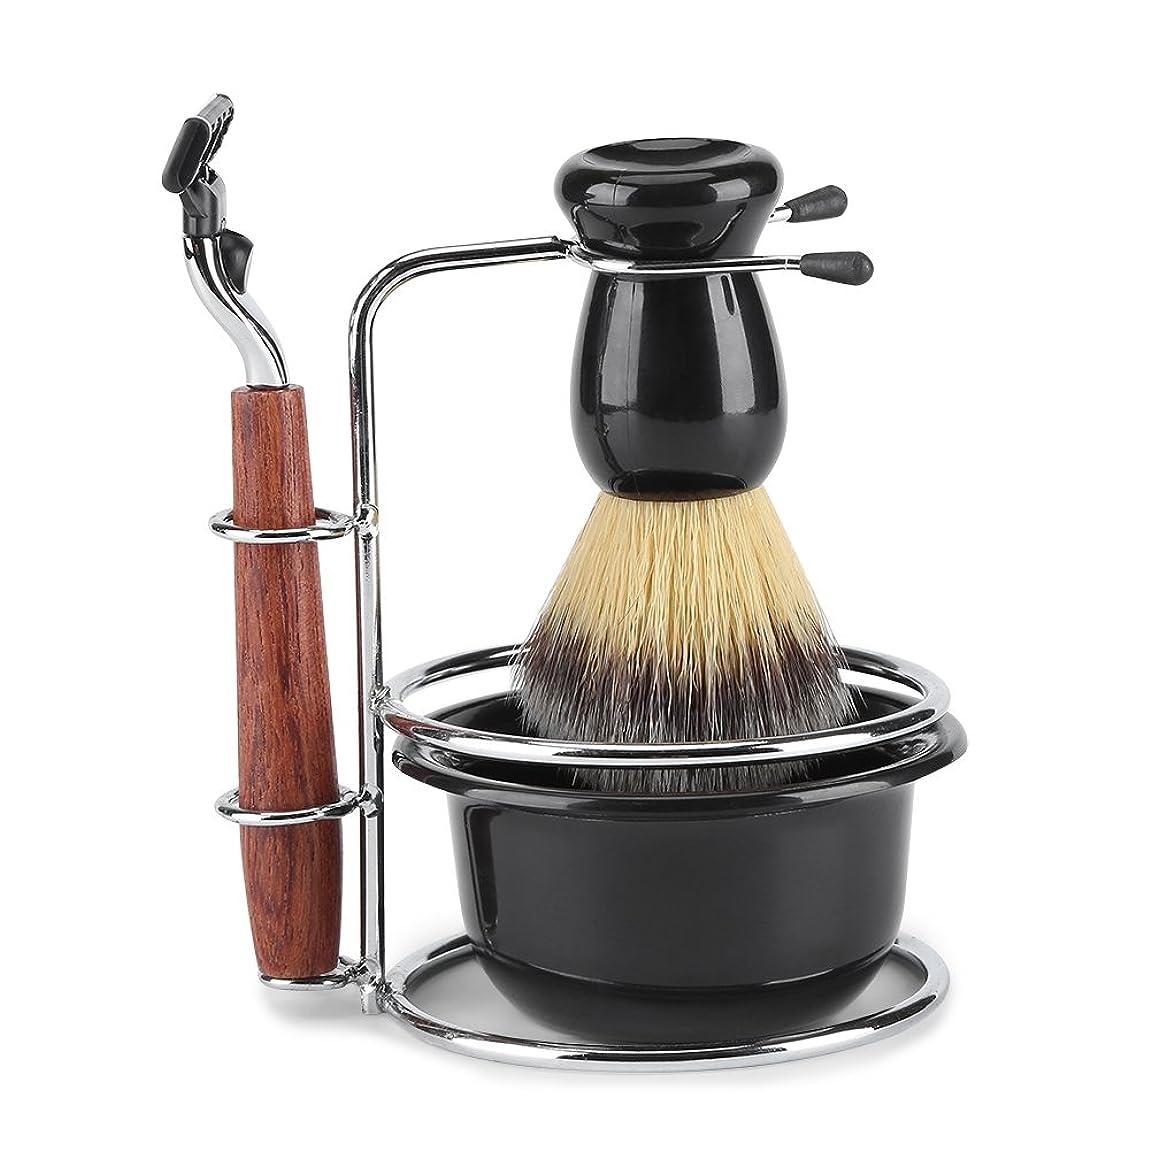 加入対立生じるAcogedor シェービングセット 高級感満々 おしゃれ 魅力で綺麗 実用で便利 メンズ用髭剃り  ヒゲ剃り (剃刀+ステンレススチールホルダー+ブラシ+ボウル)